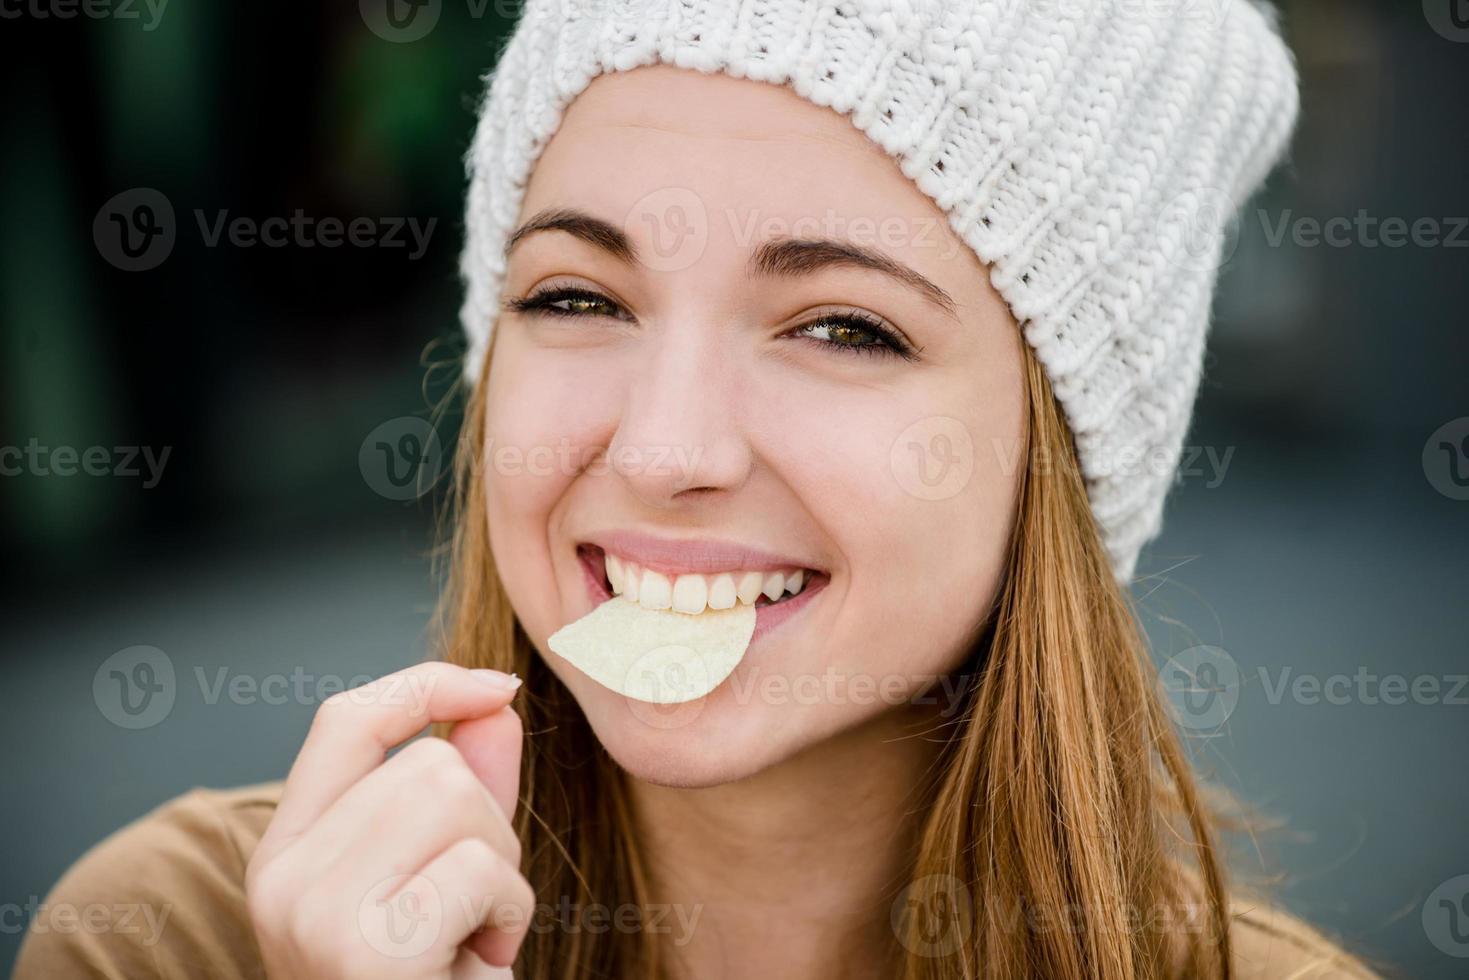 adolescente comiendo papas fritas foto